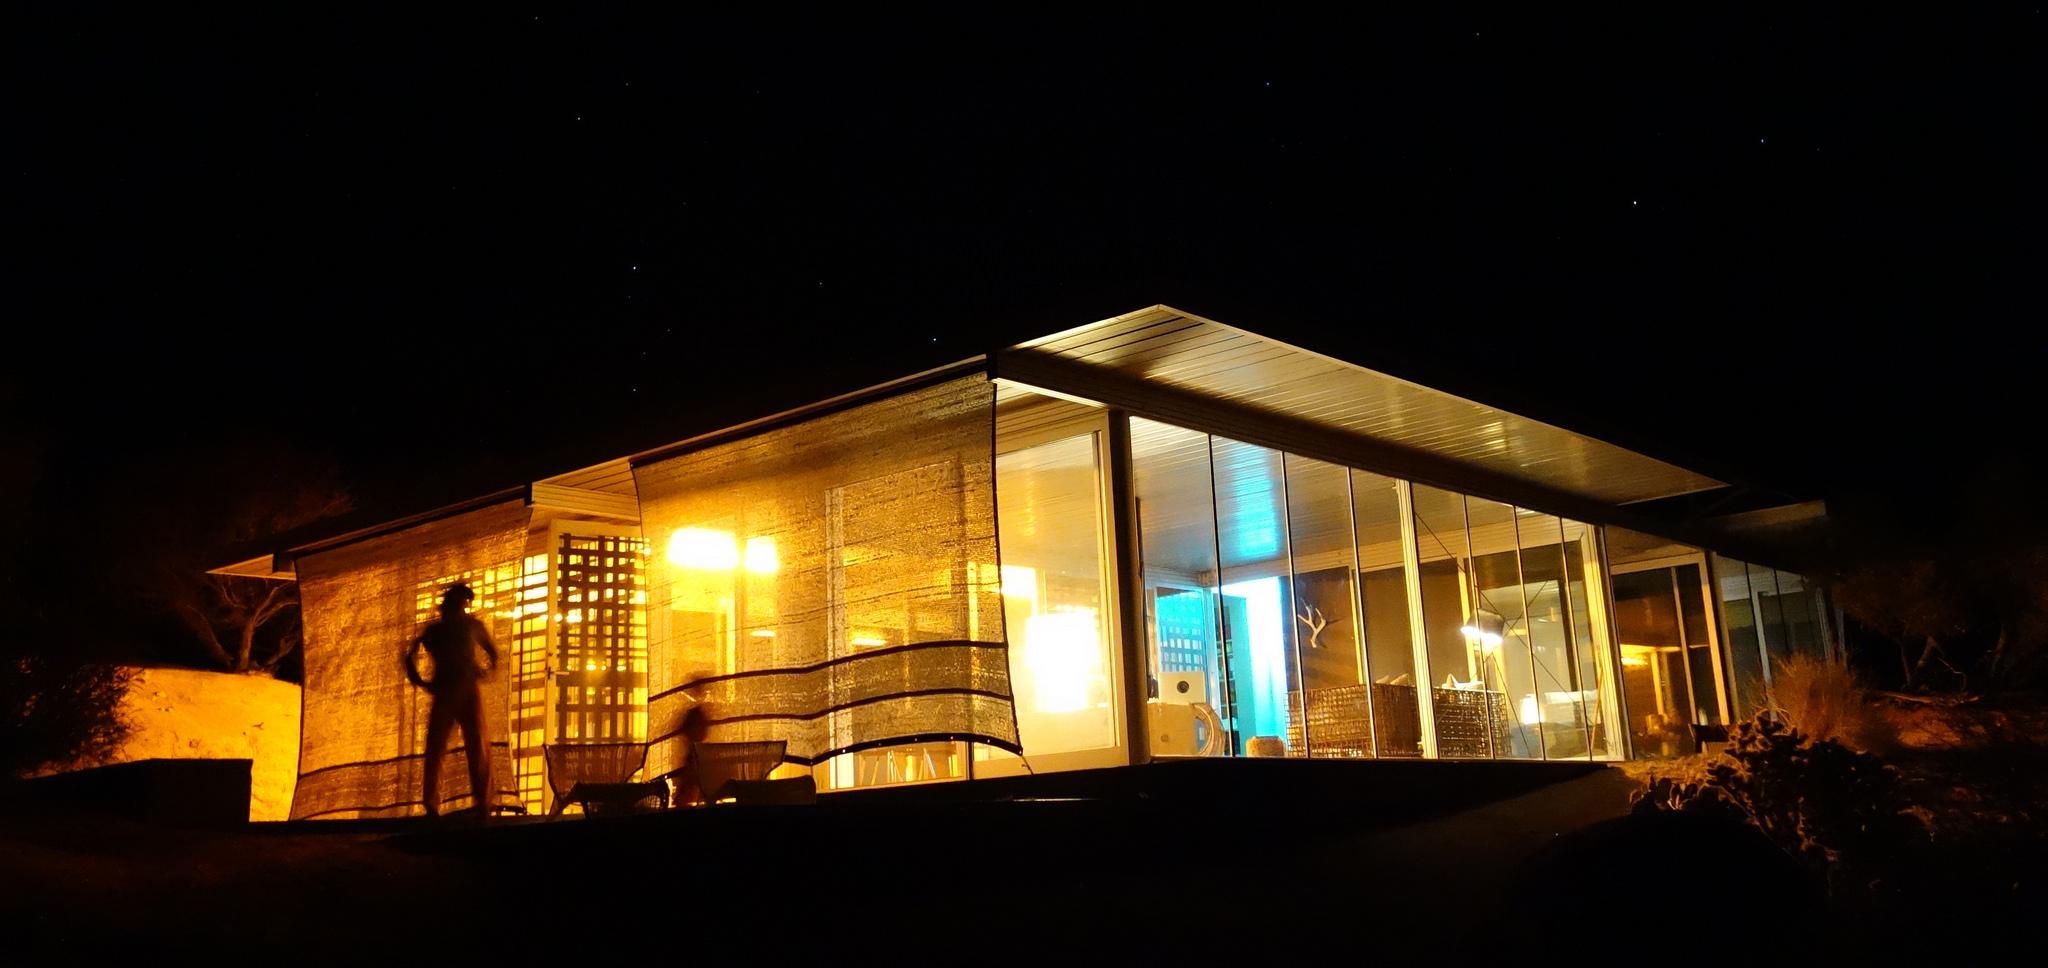 iT House by Taalman Koch